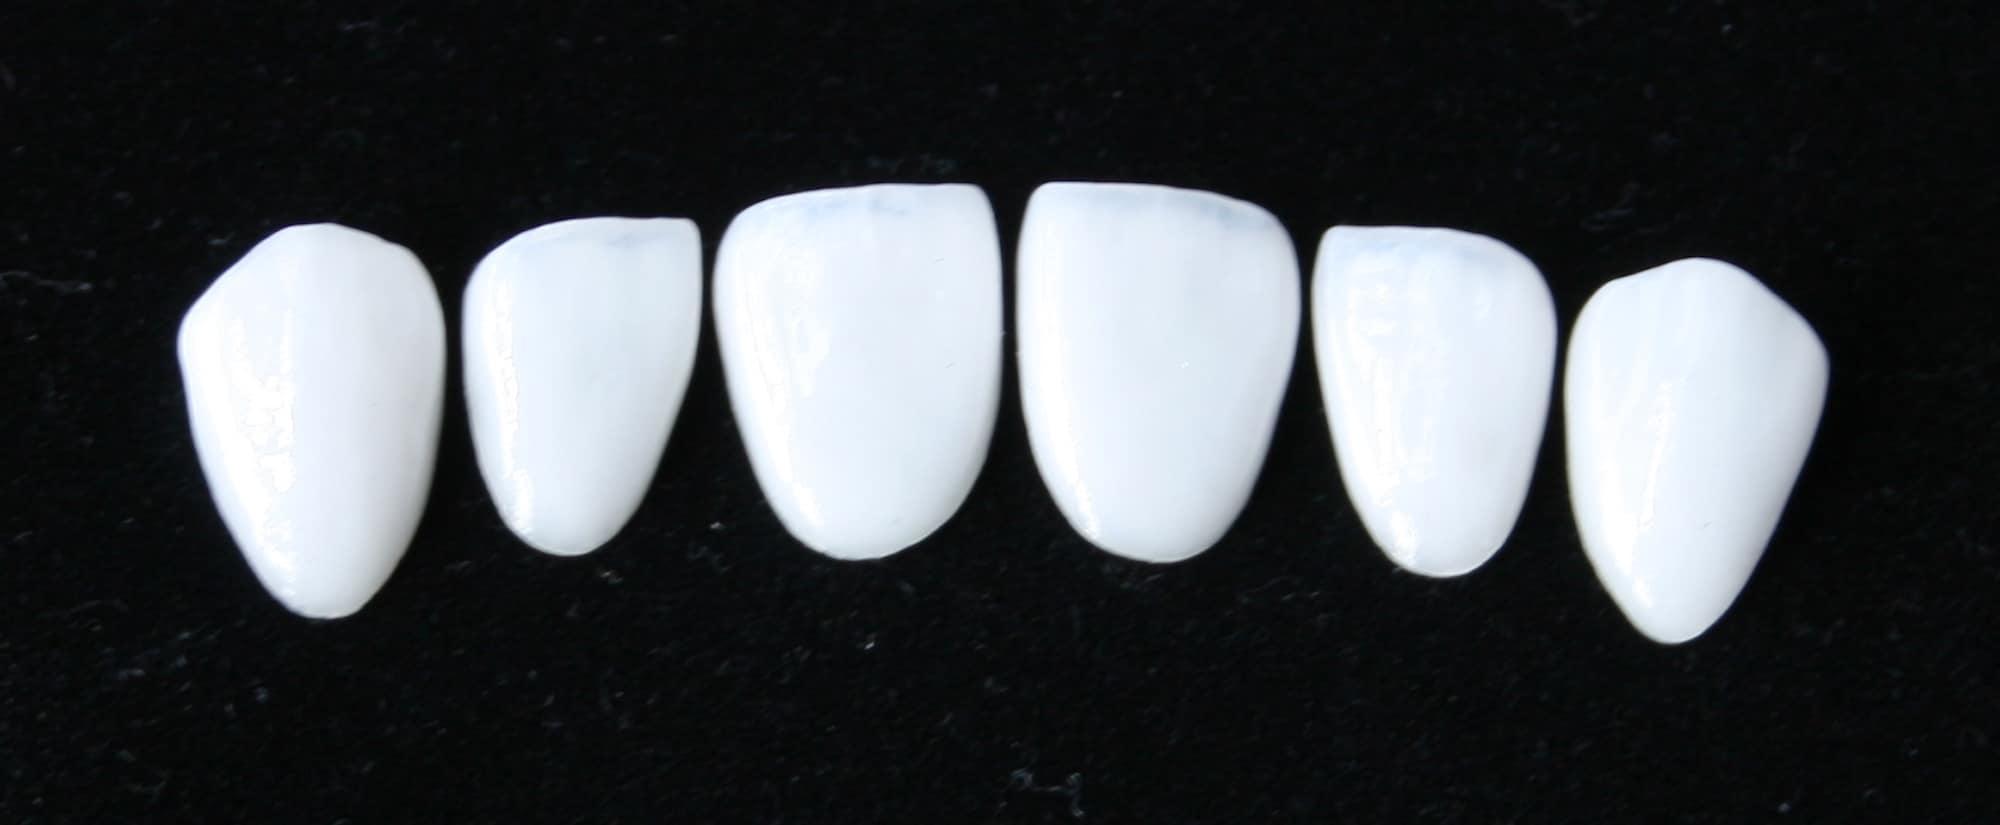 Placaers stratifiés en porcelaine cosmétique